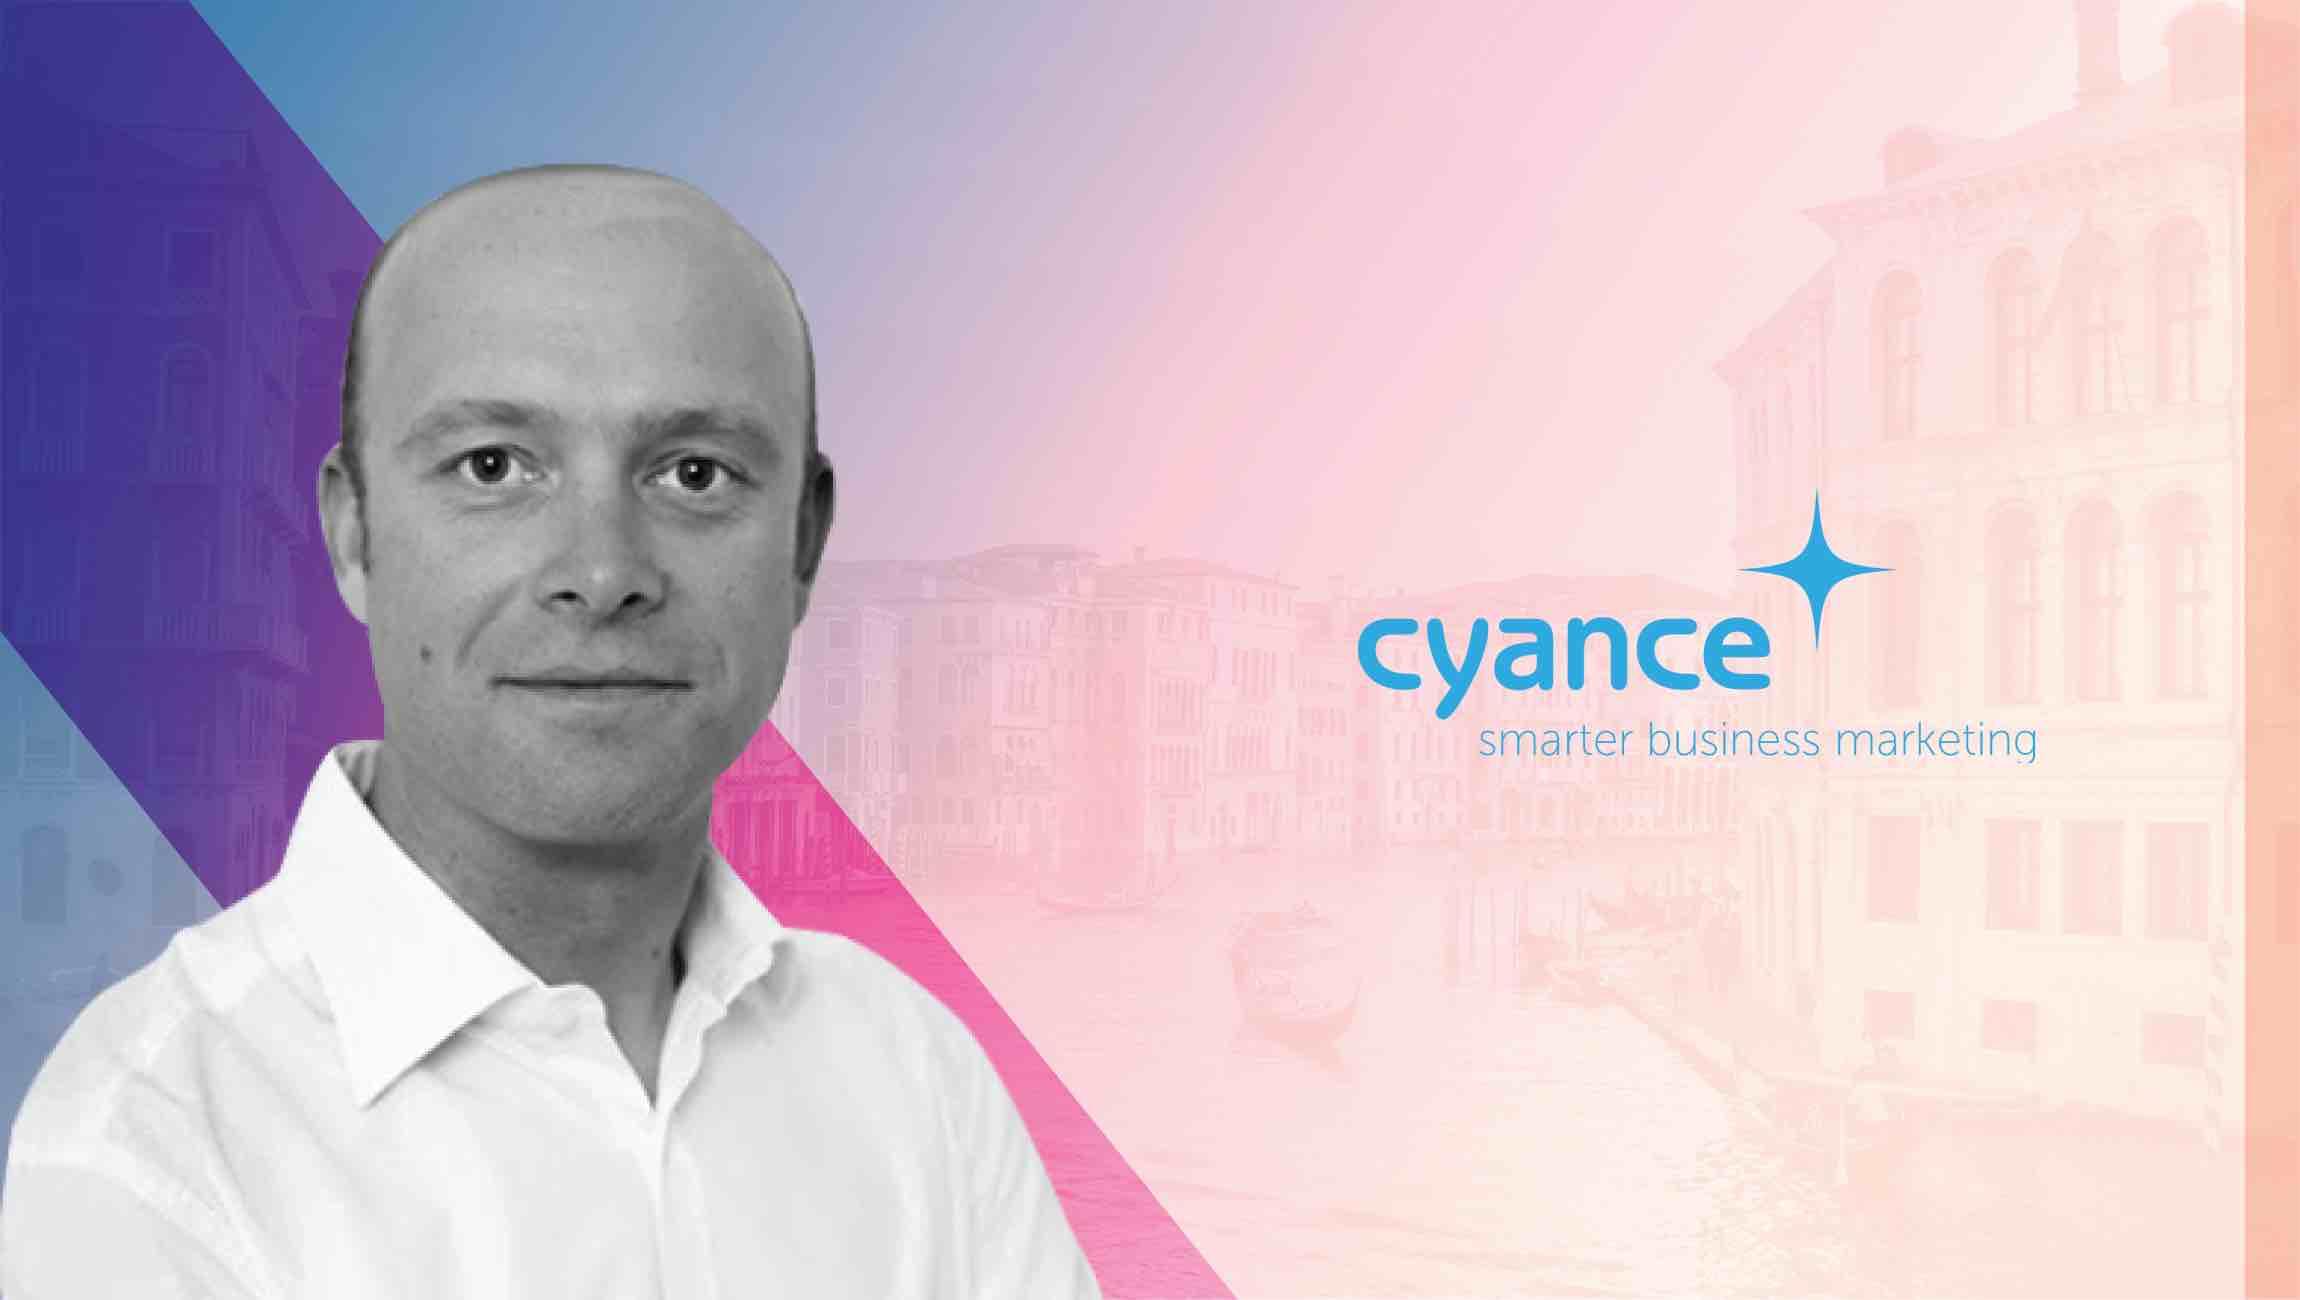 Jon Clarke cyance CEO